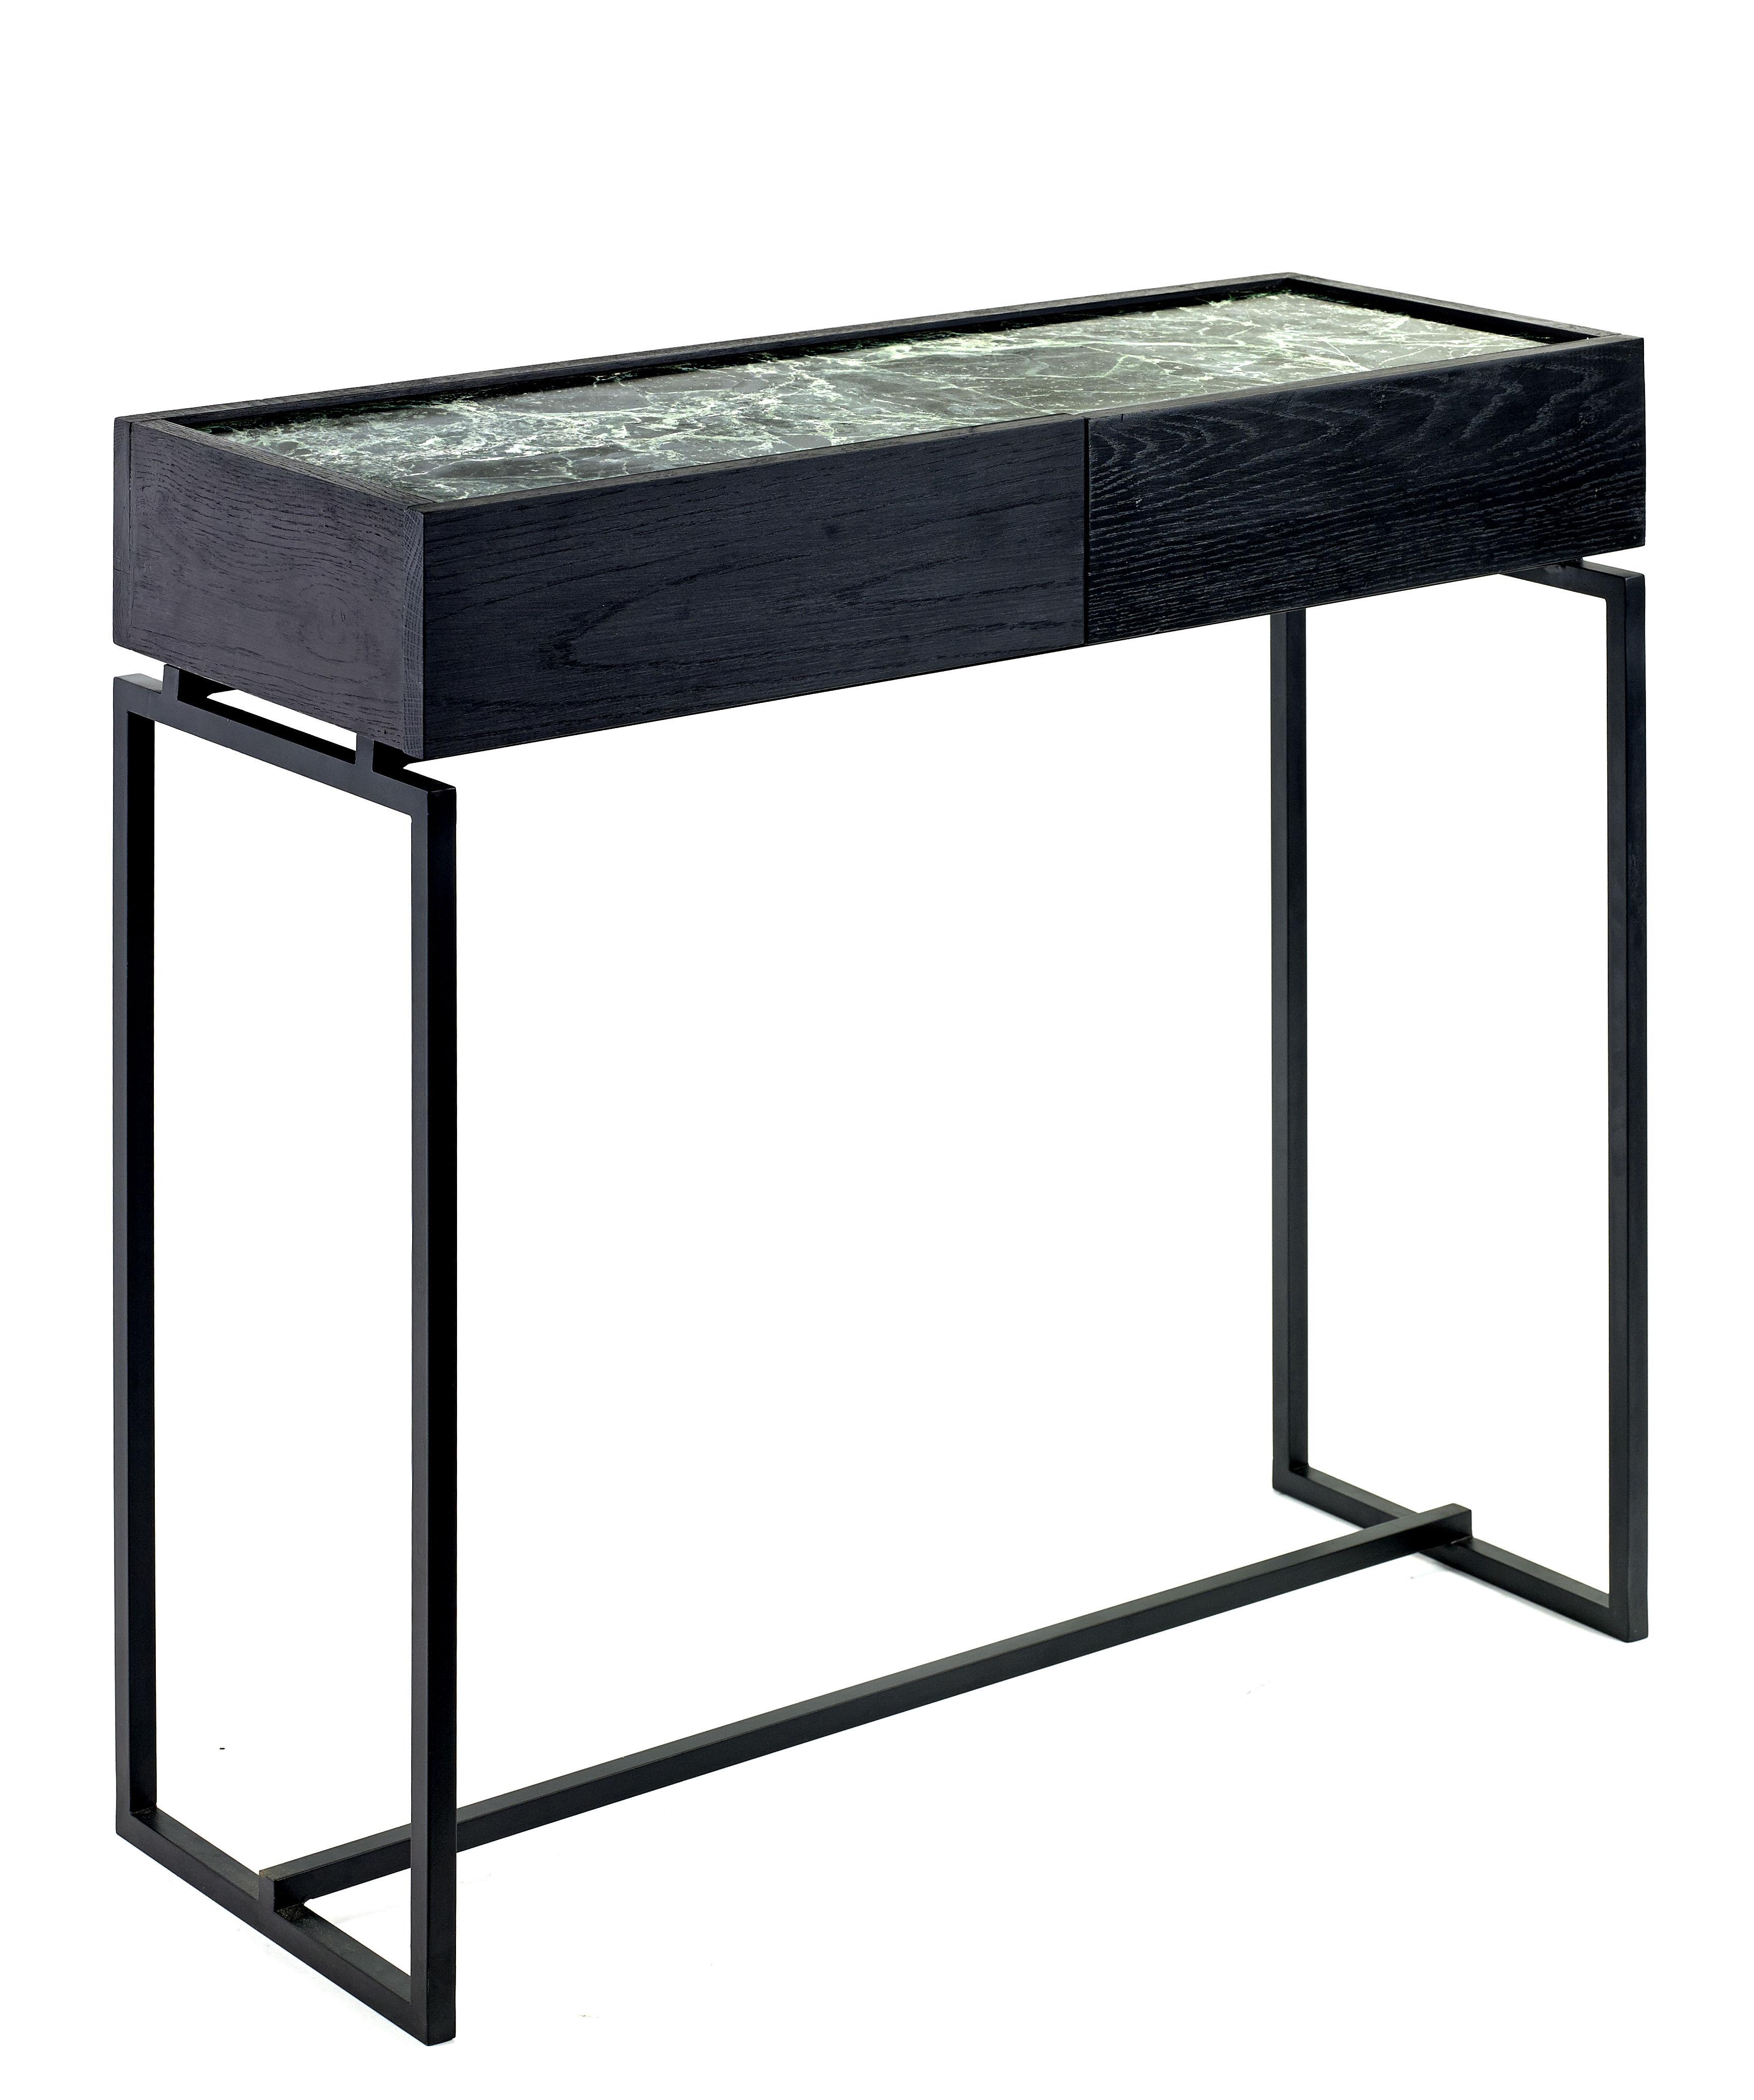 Arredamento - Console - Console: Verde - / 1 Cassetto - Marmo - L 80 cm di Serax - Marmo verde / Gamba nera - Legno tinto, Marmo, Metallo